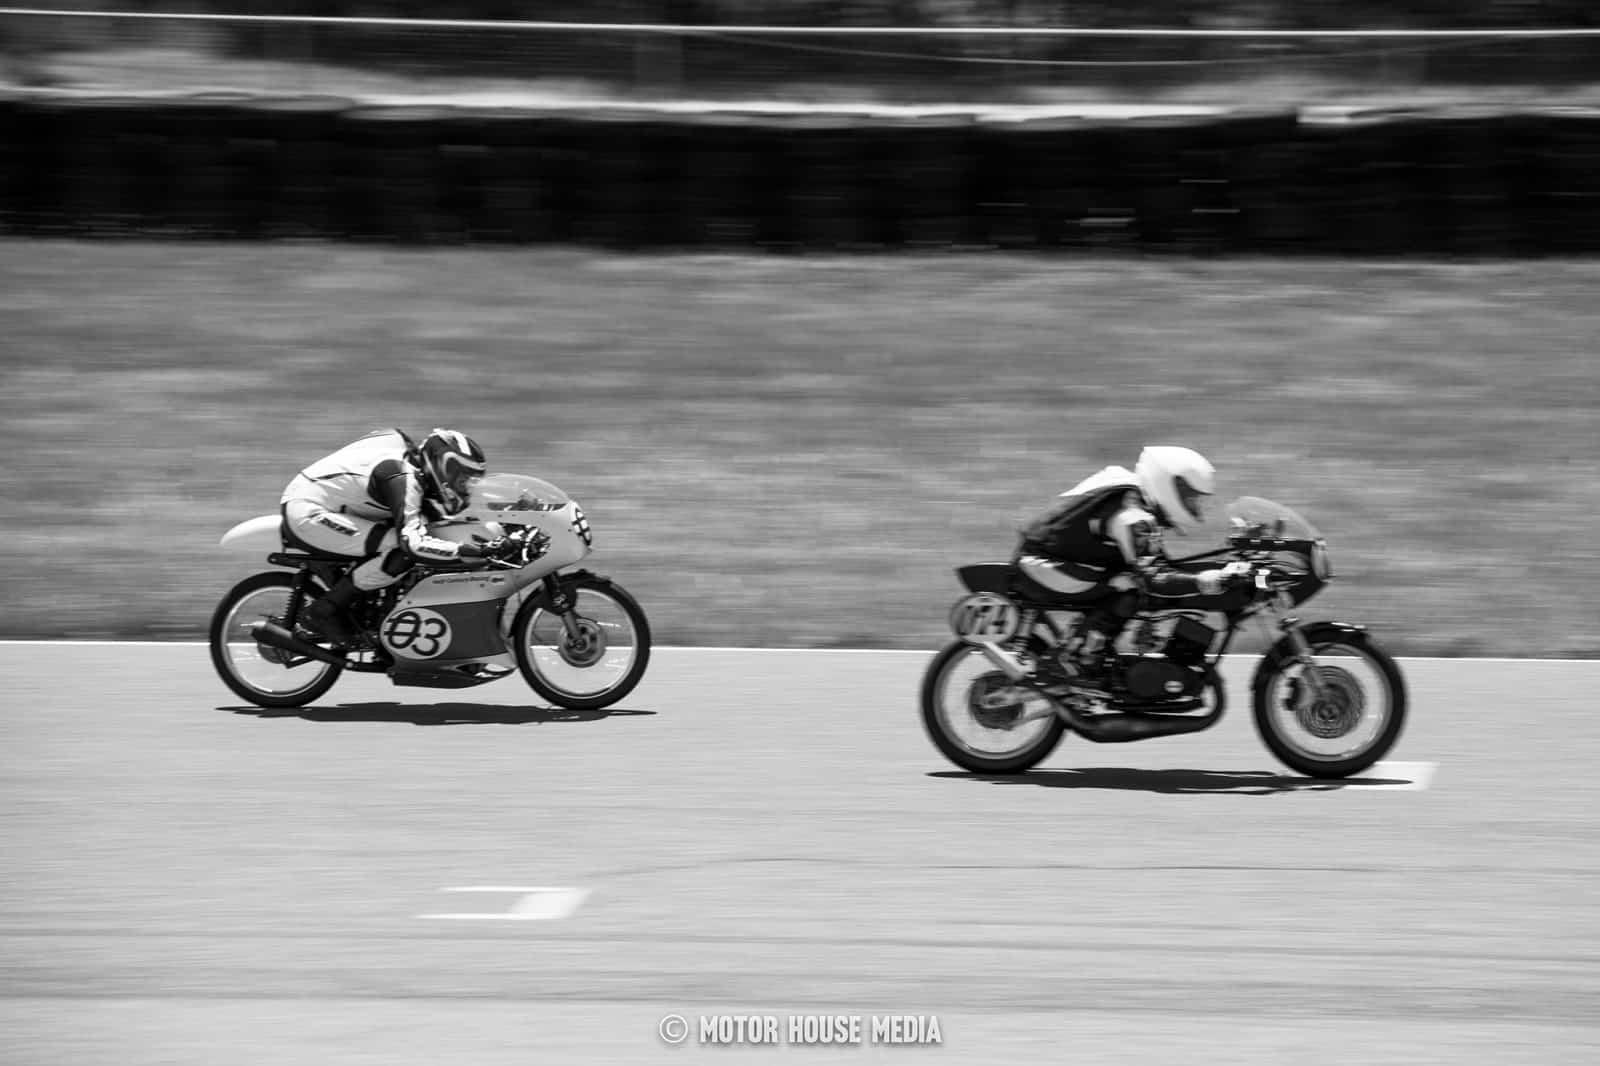 AHRMA Vintage Motorcycle racing